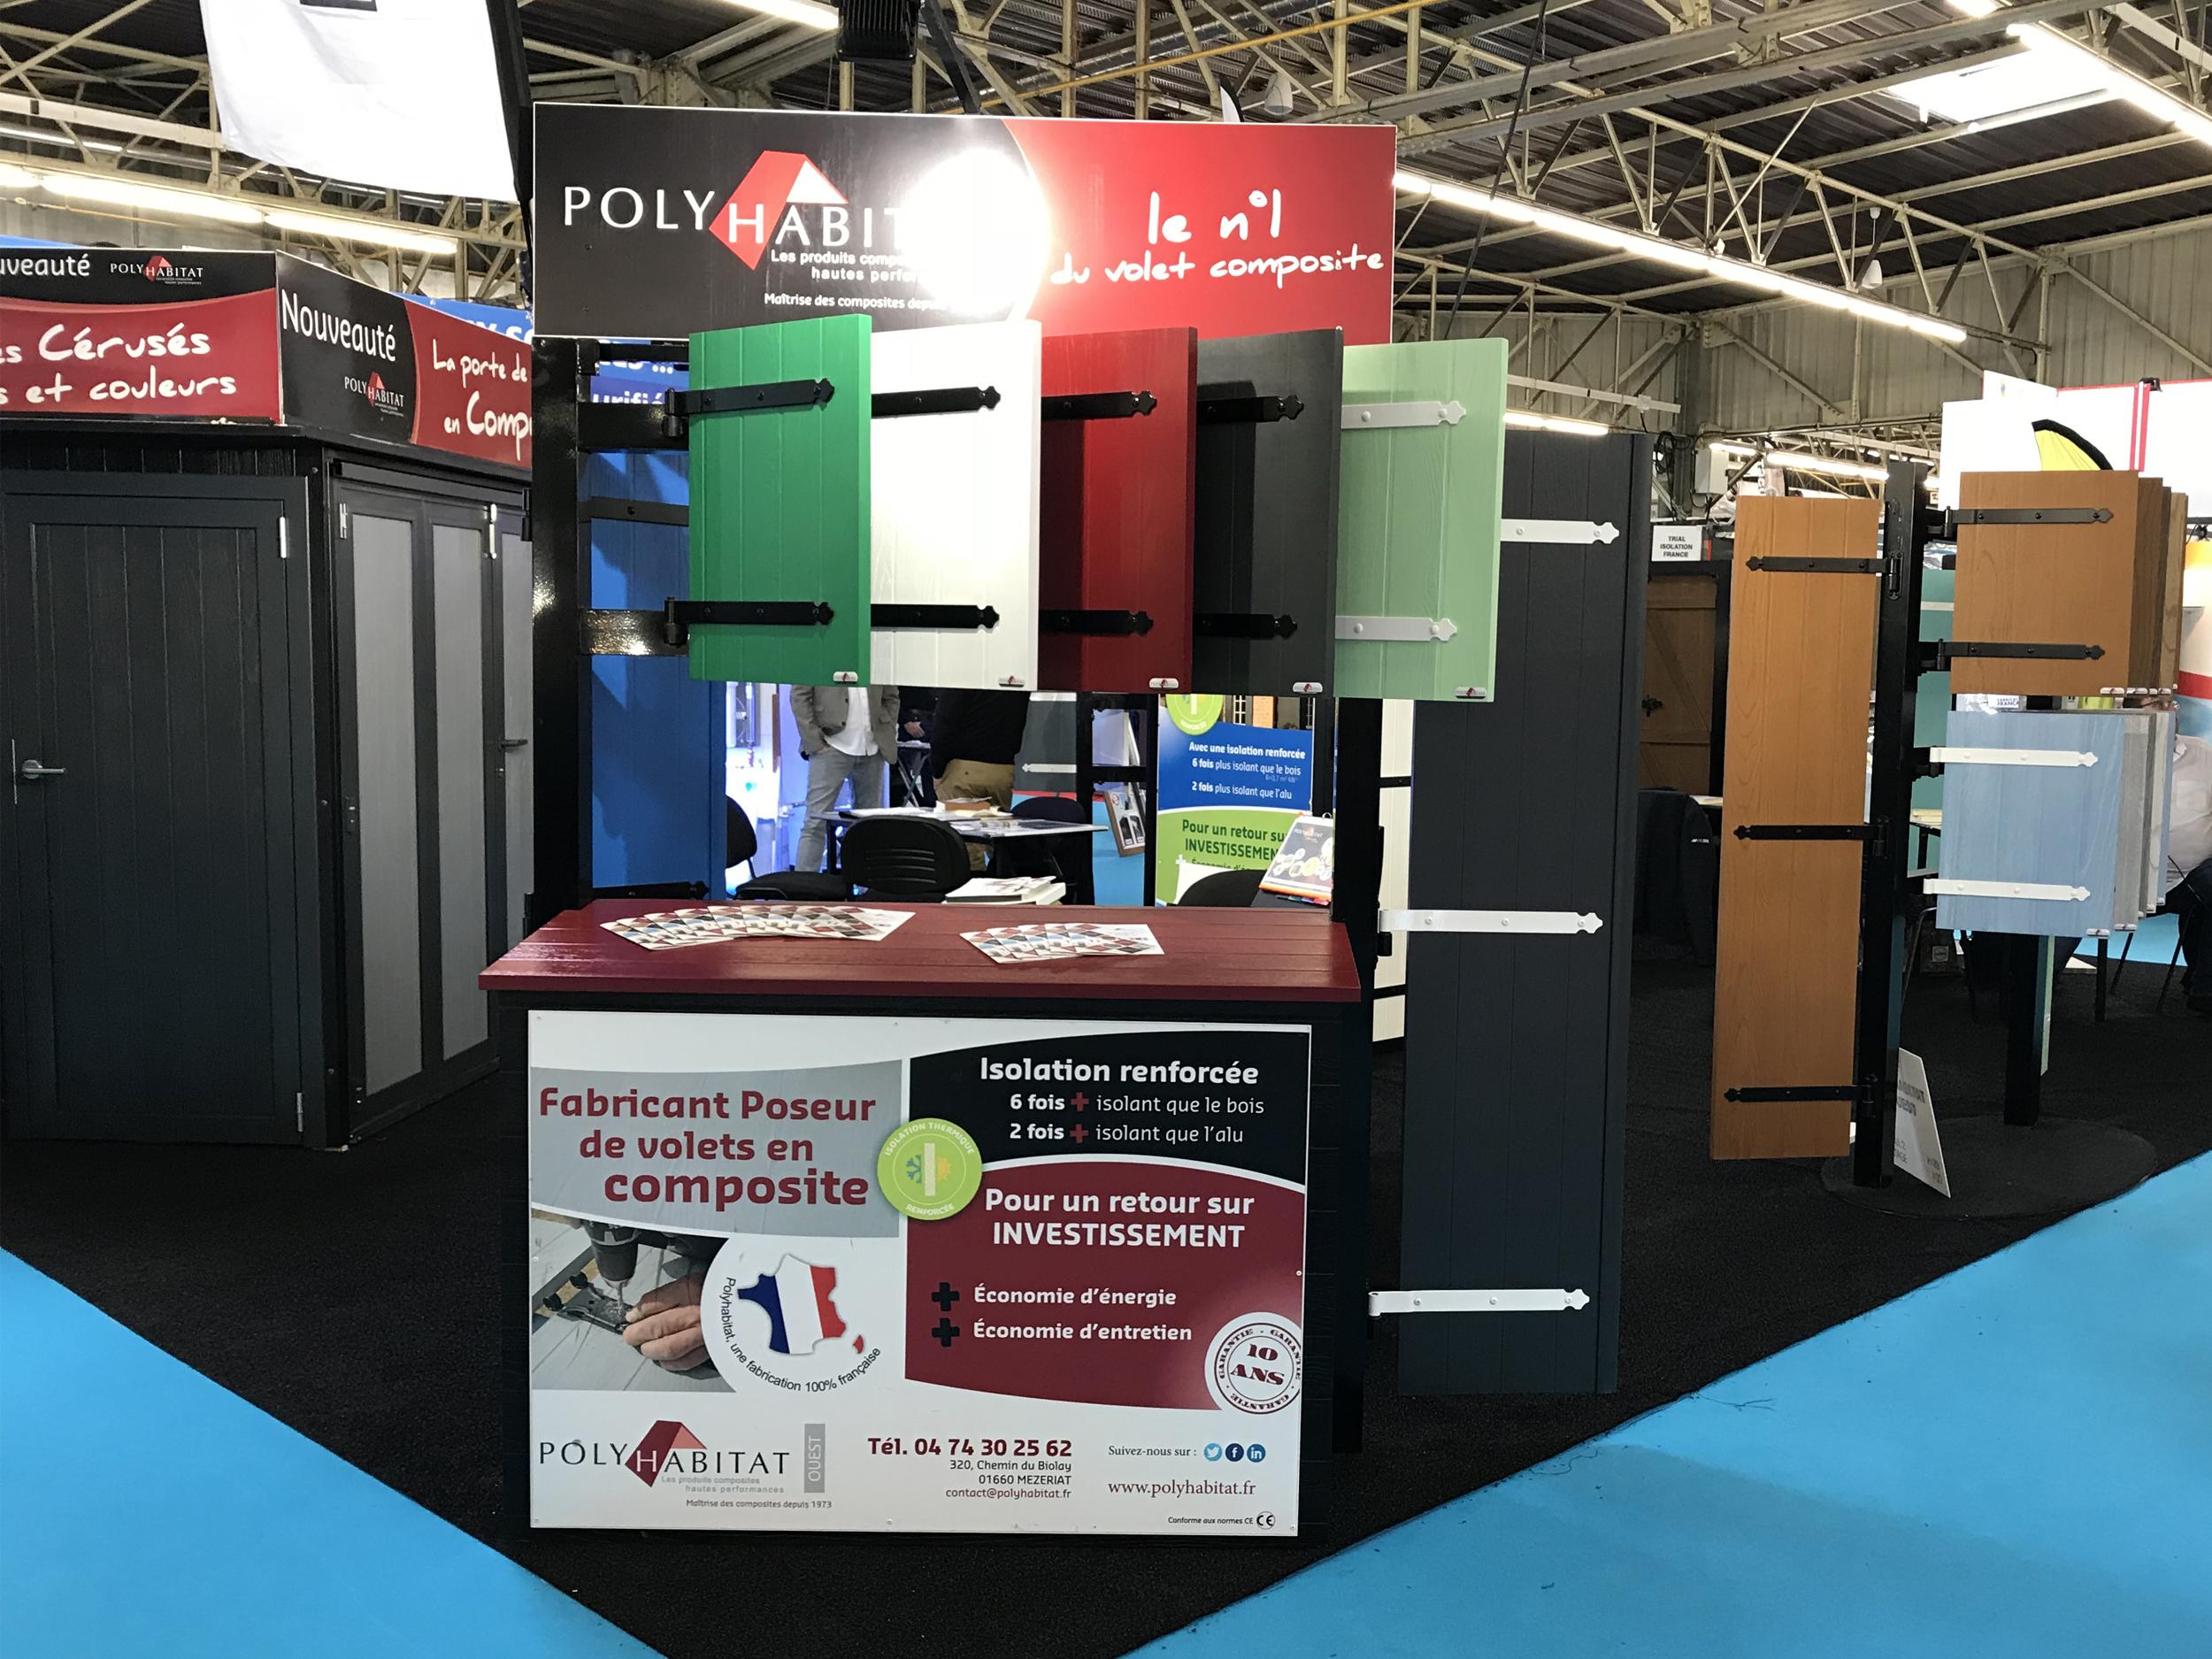 Foire-de-Dijon-2019-Polyhabitat